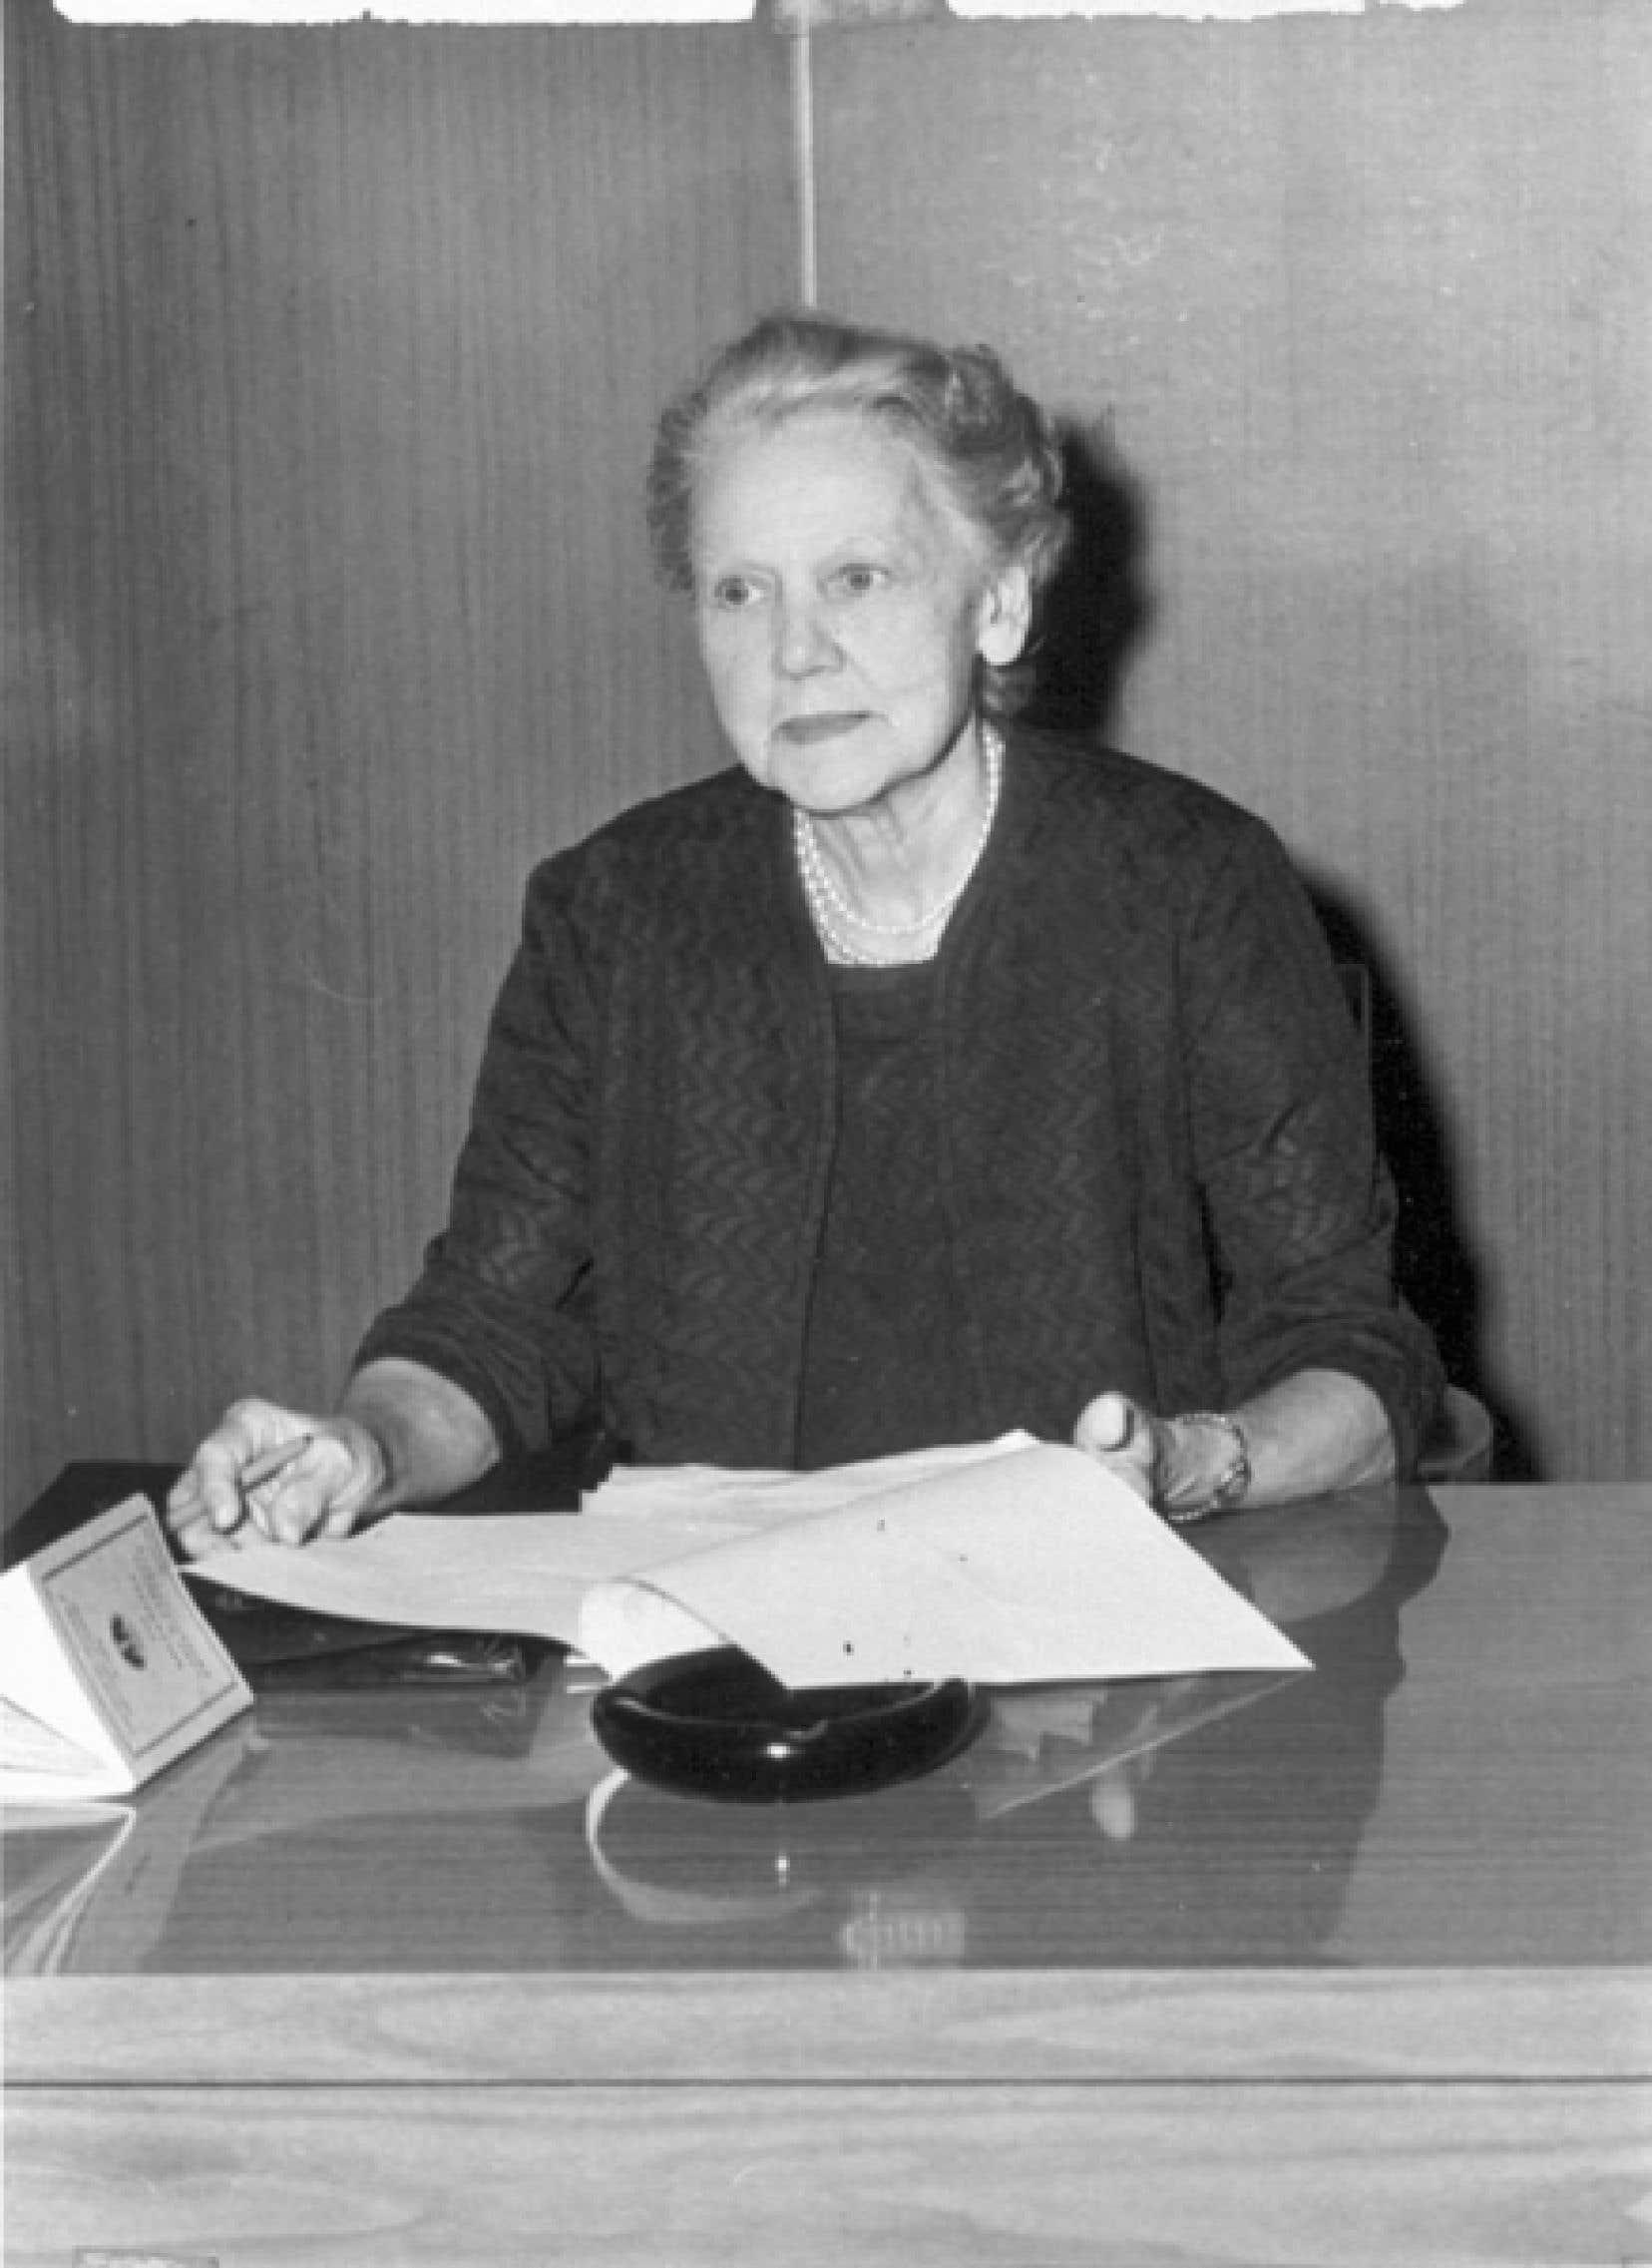 Gr&acirc;ce au travail acharn&eacute; de Laure Gaudreault, la F&eacute;d&eacute;ration des institutrices rurales de la province de Qu&eacute;bec obtient en 1945 un salaire minimum annuel de 600 $ pour les enseignants.<br />